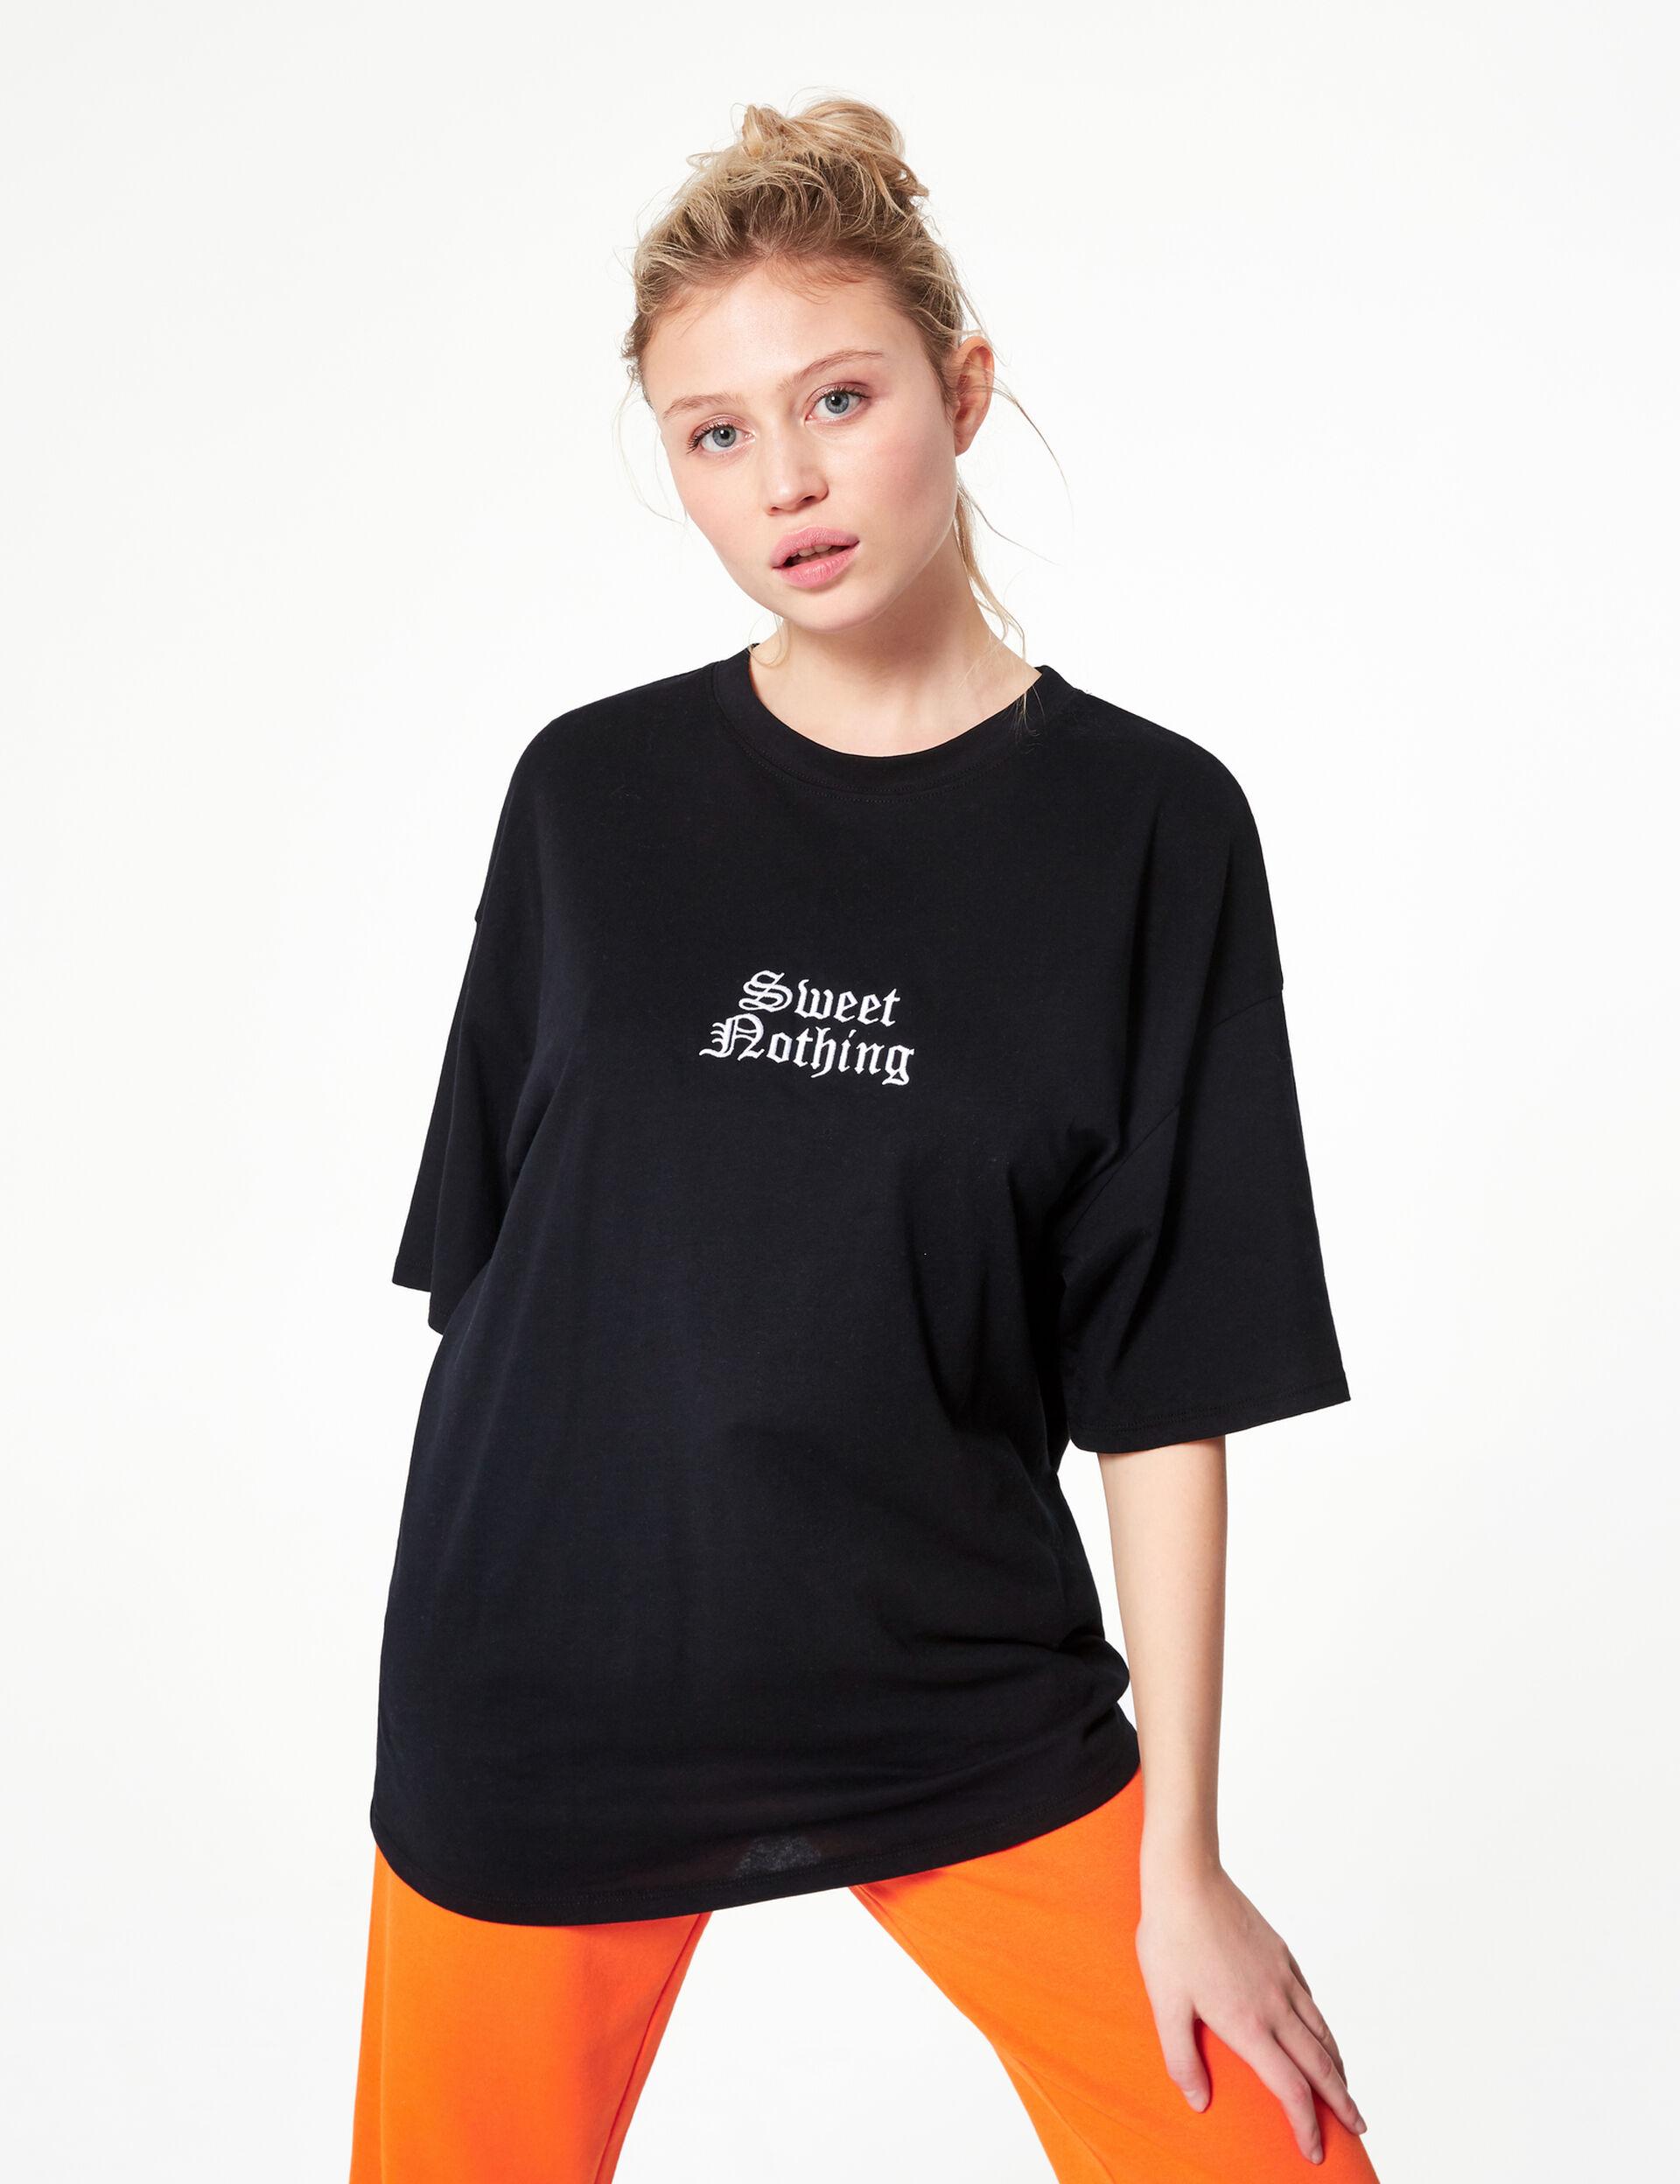 Tee-shirt sweet nothing